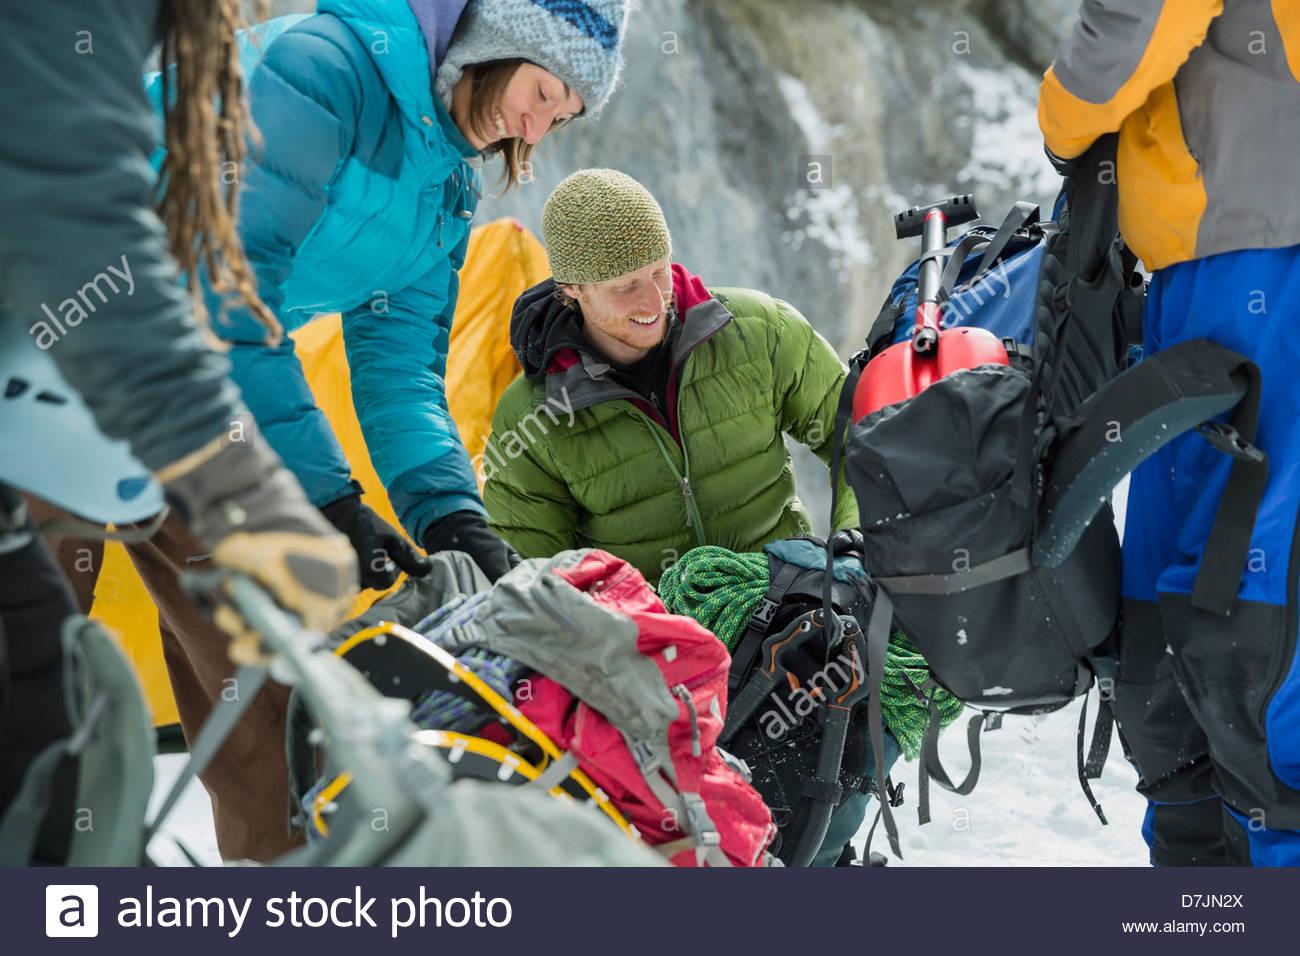 Groupe des amis de randonnée hivernale dans les montagnes Photo Stock